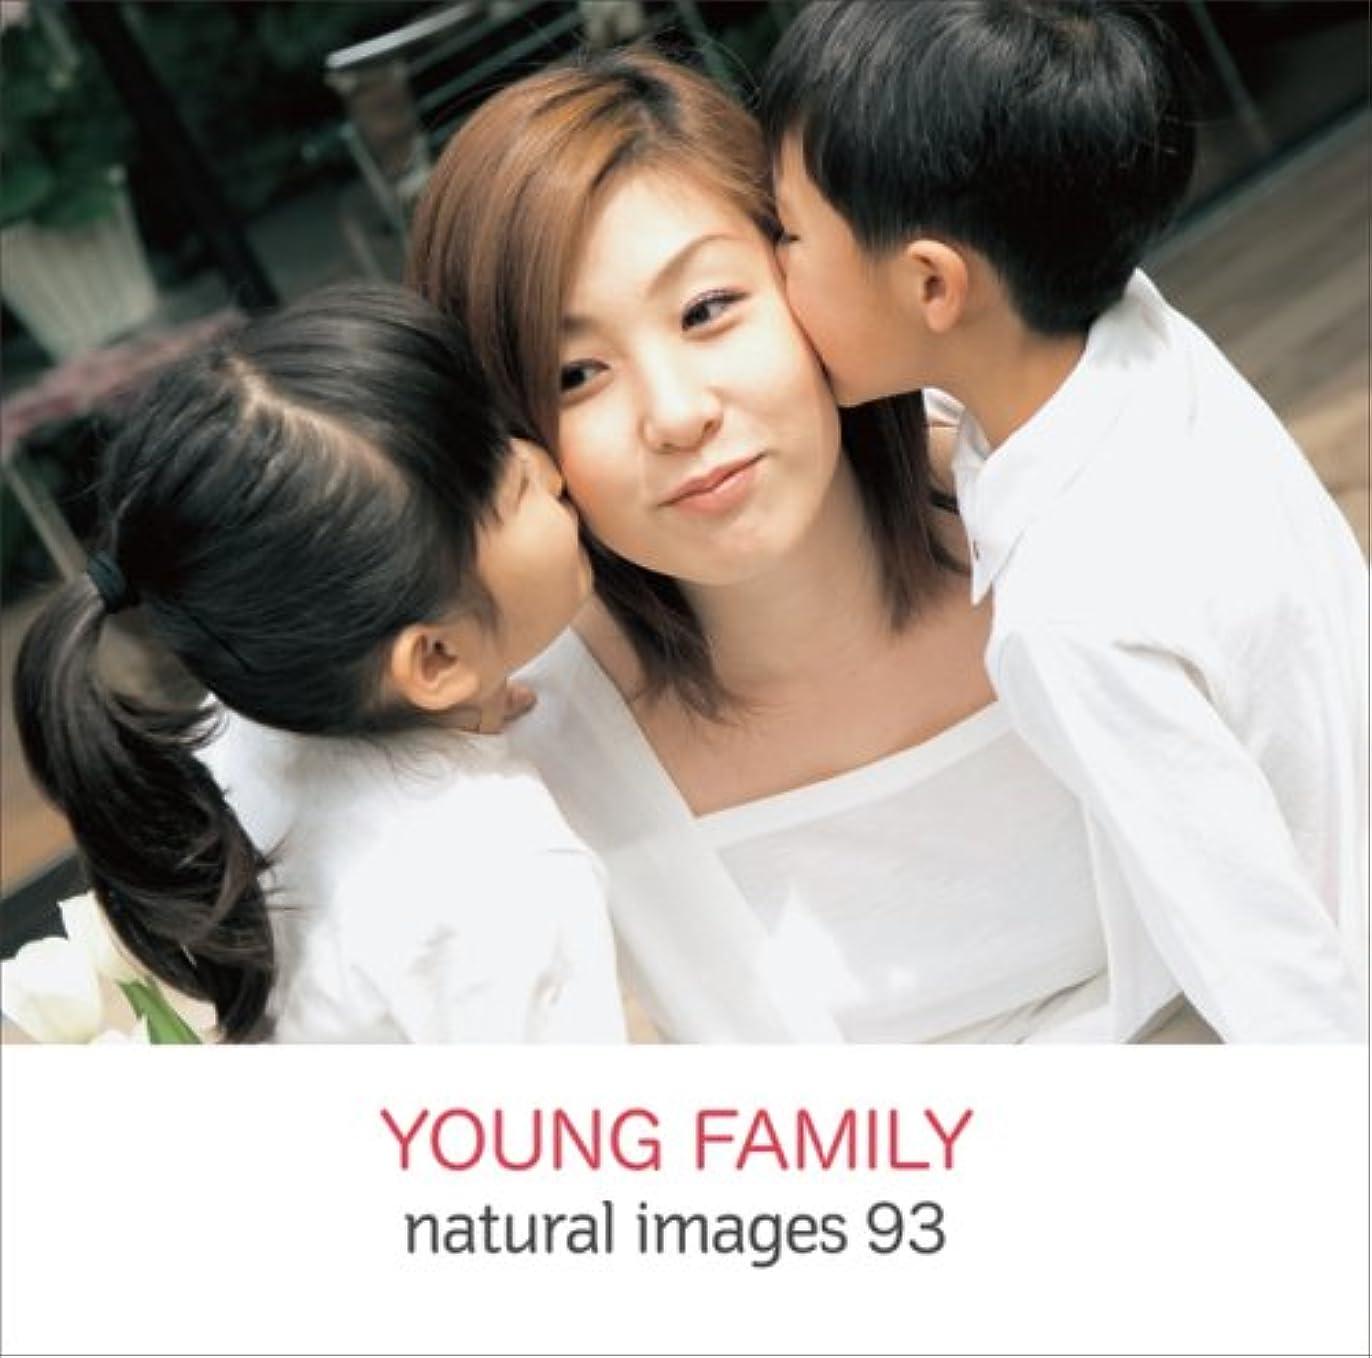 相互接続マット受取人natural images Vol.93 Young Family